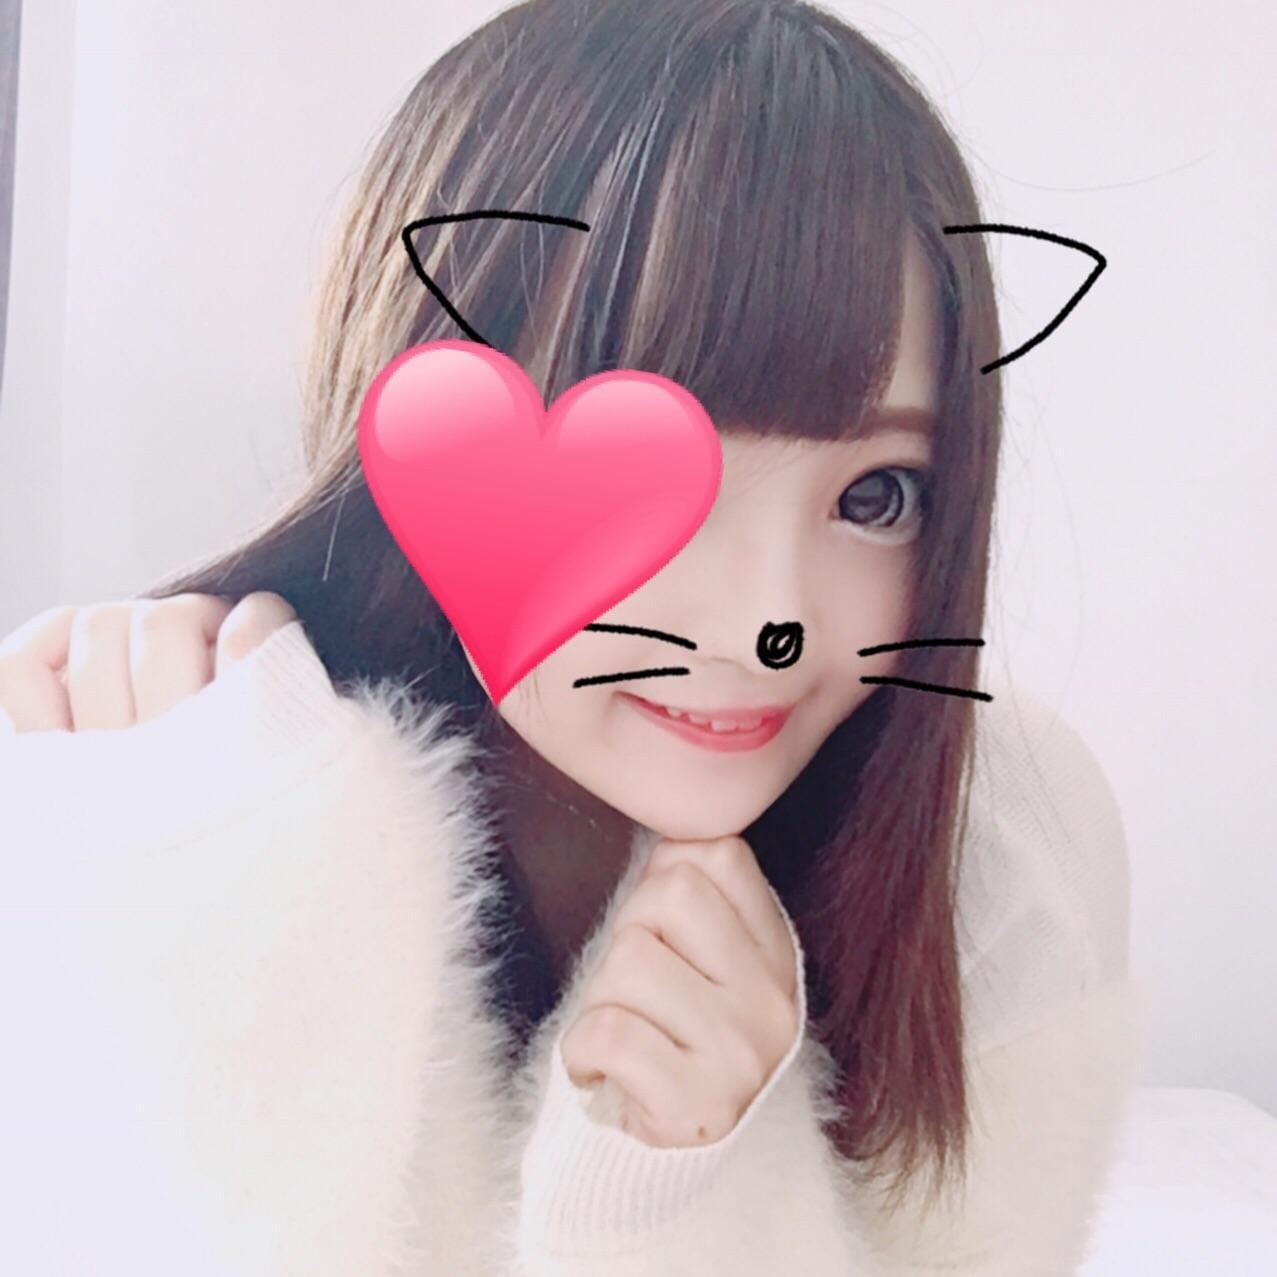 「揃ったのっ!?」10/17(水) 22:16   アユの写メ・風俗動画